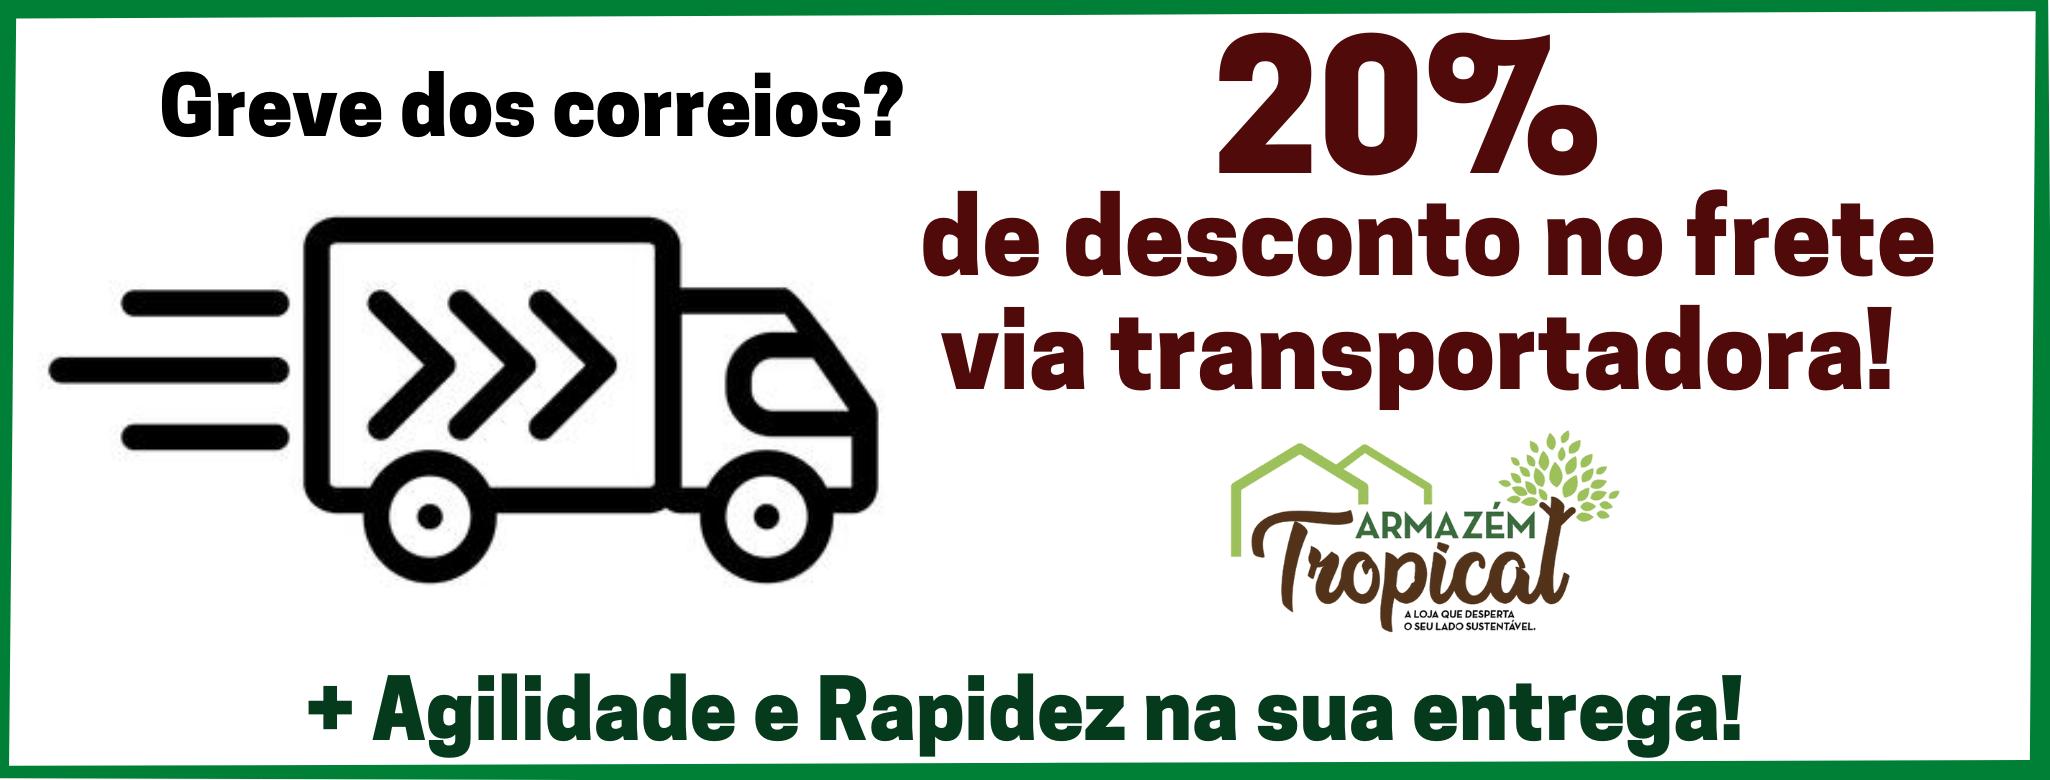 20% por envio pela transportadora